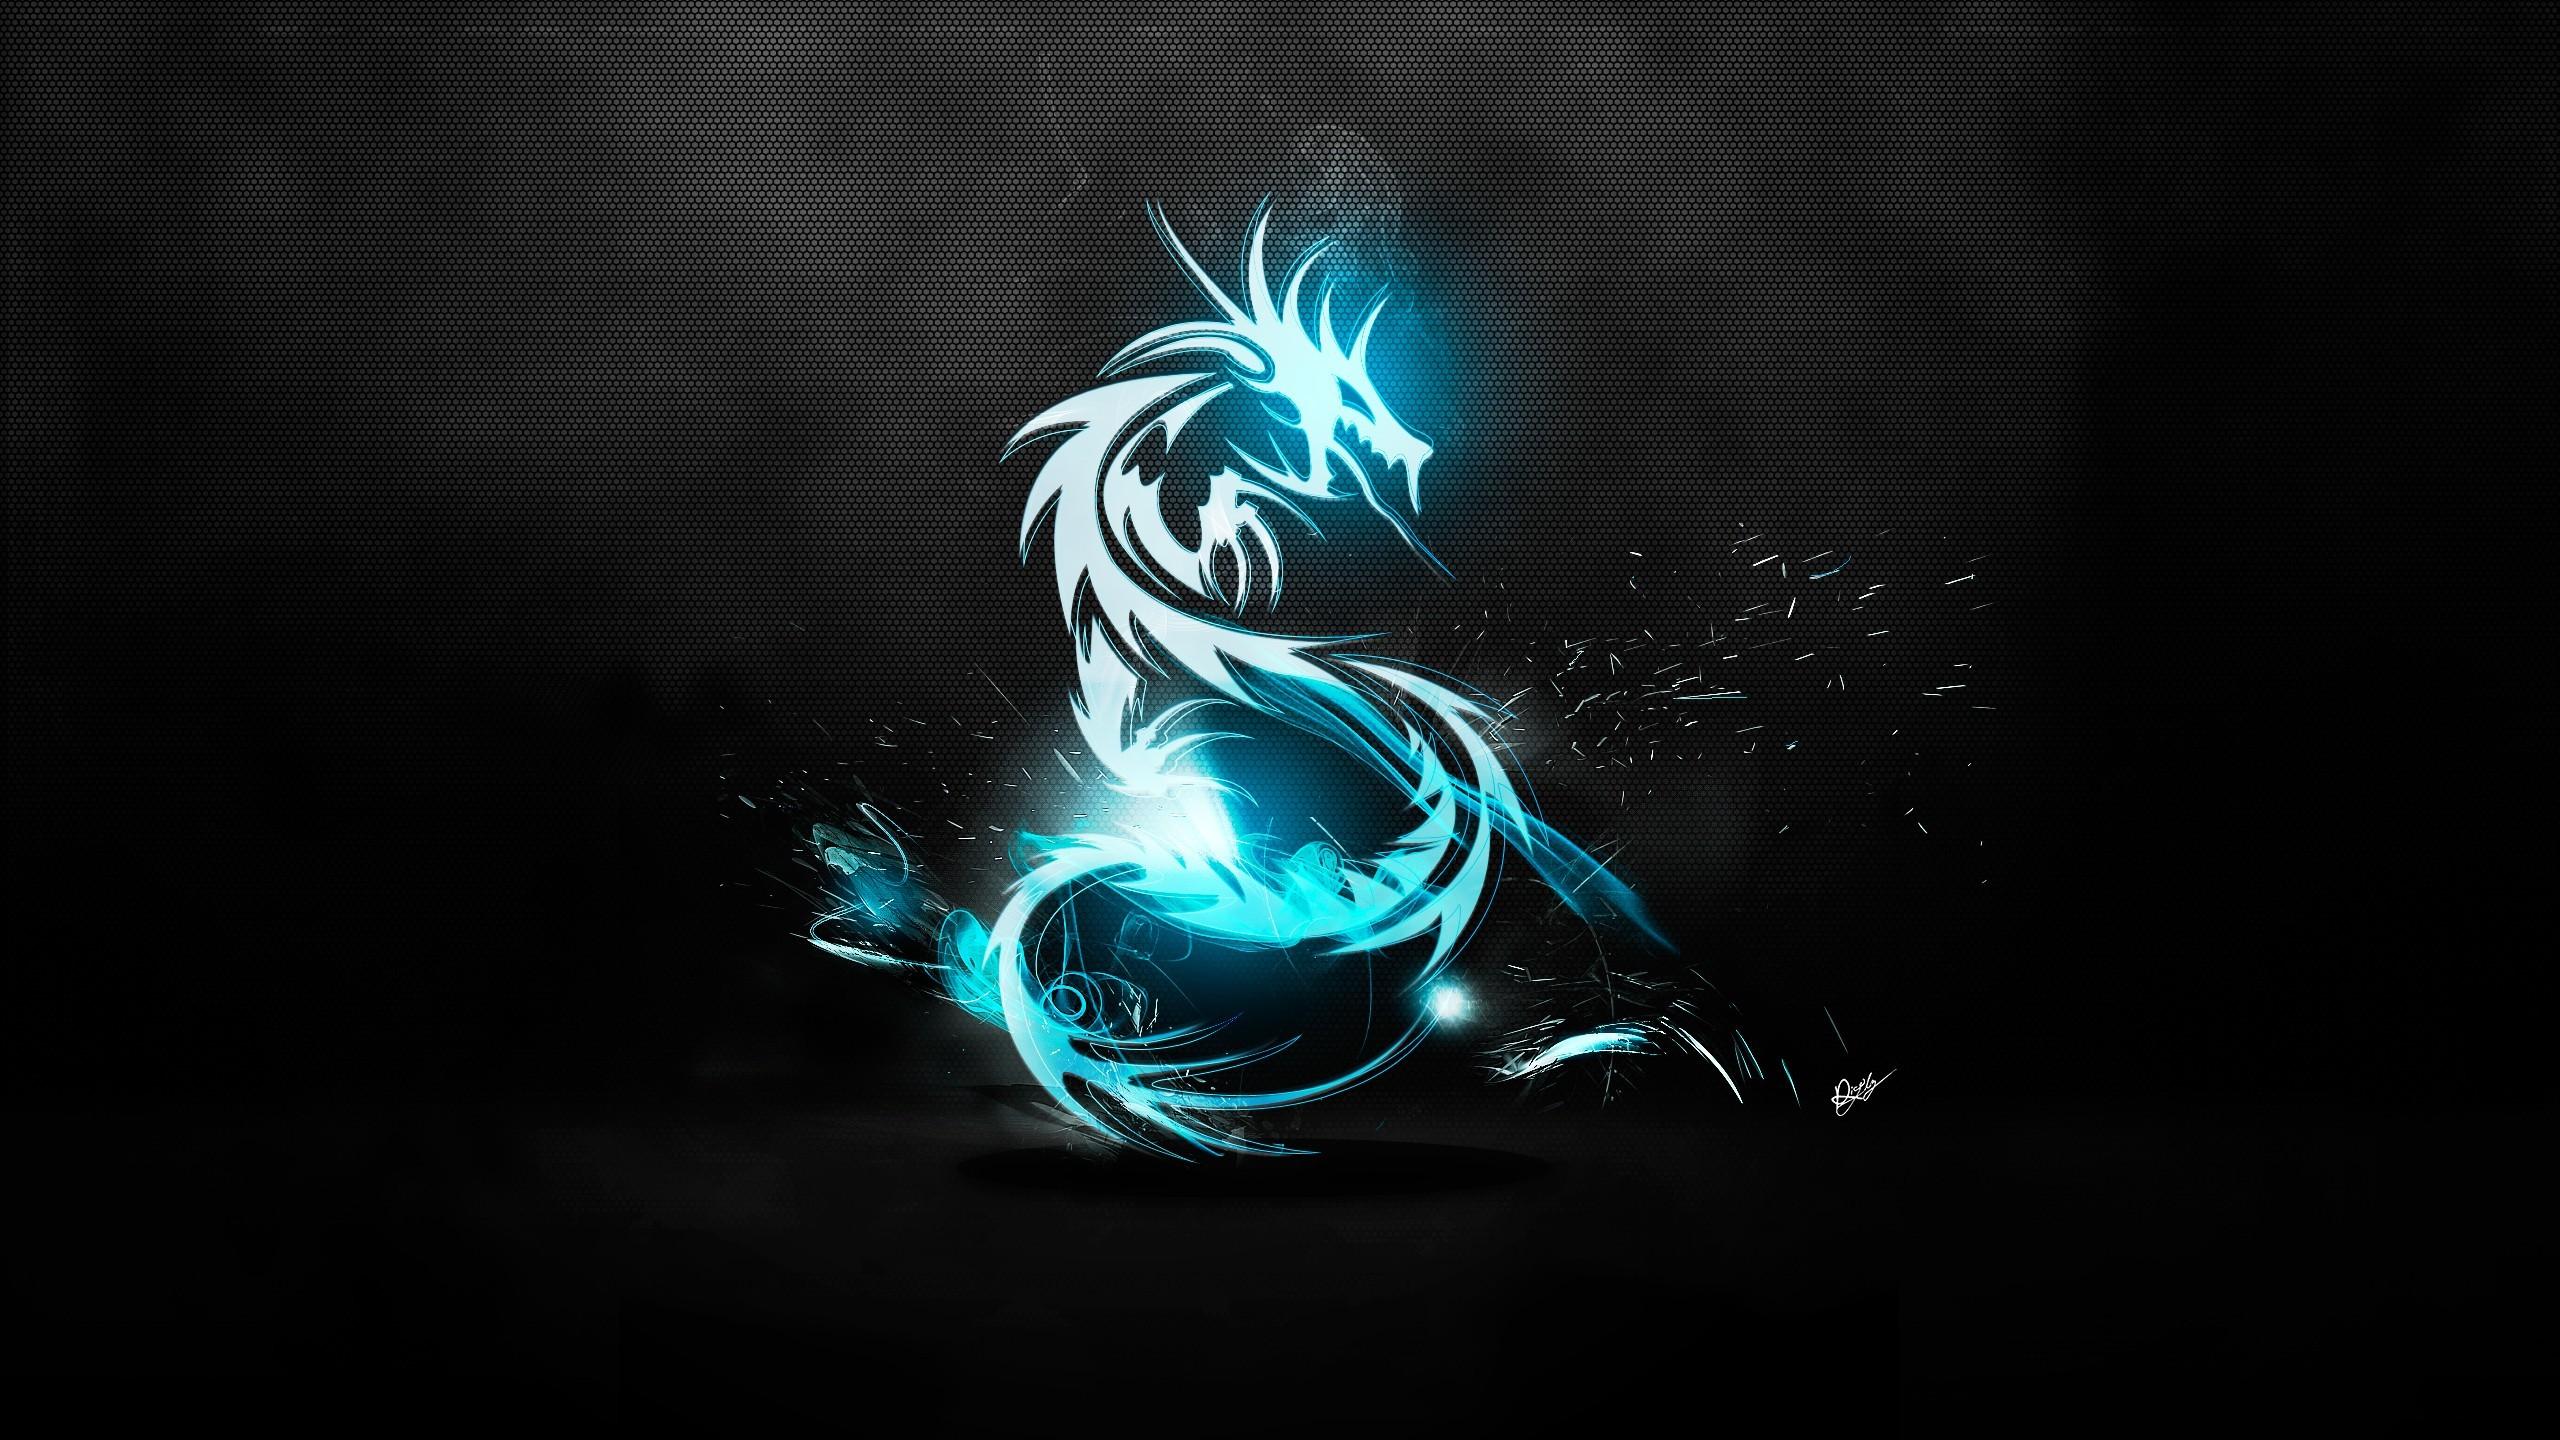 Sfondi Nero Illustrazione Arte Digitale Fumo Blu Drago